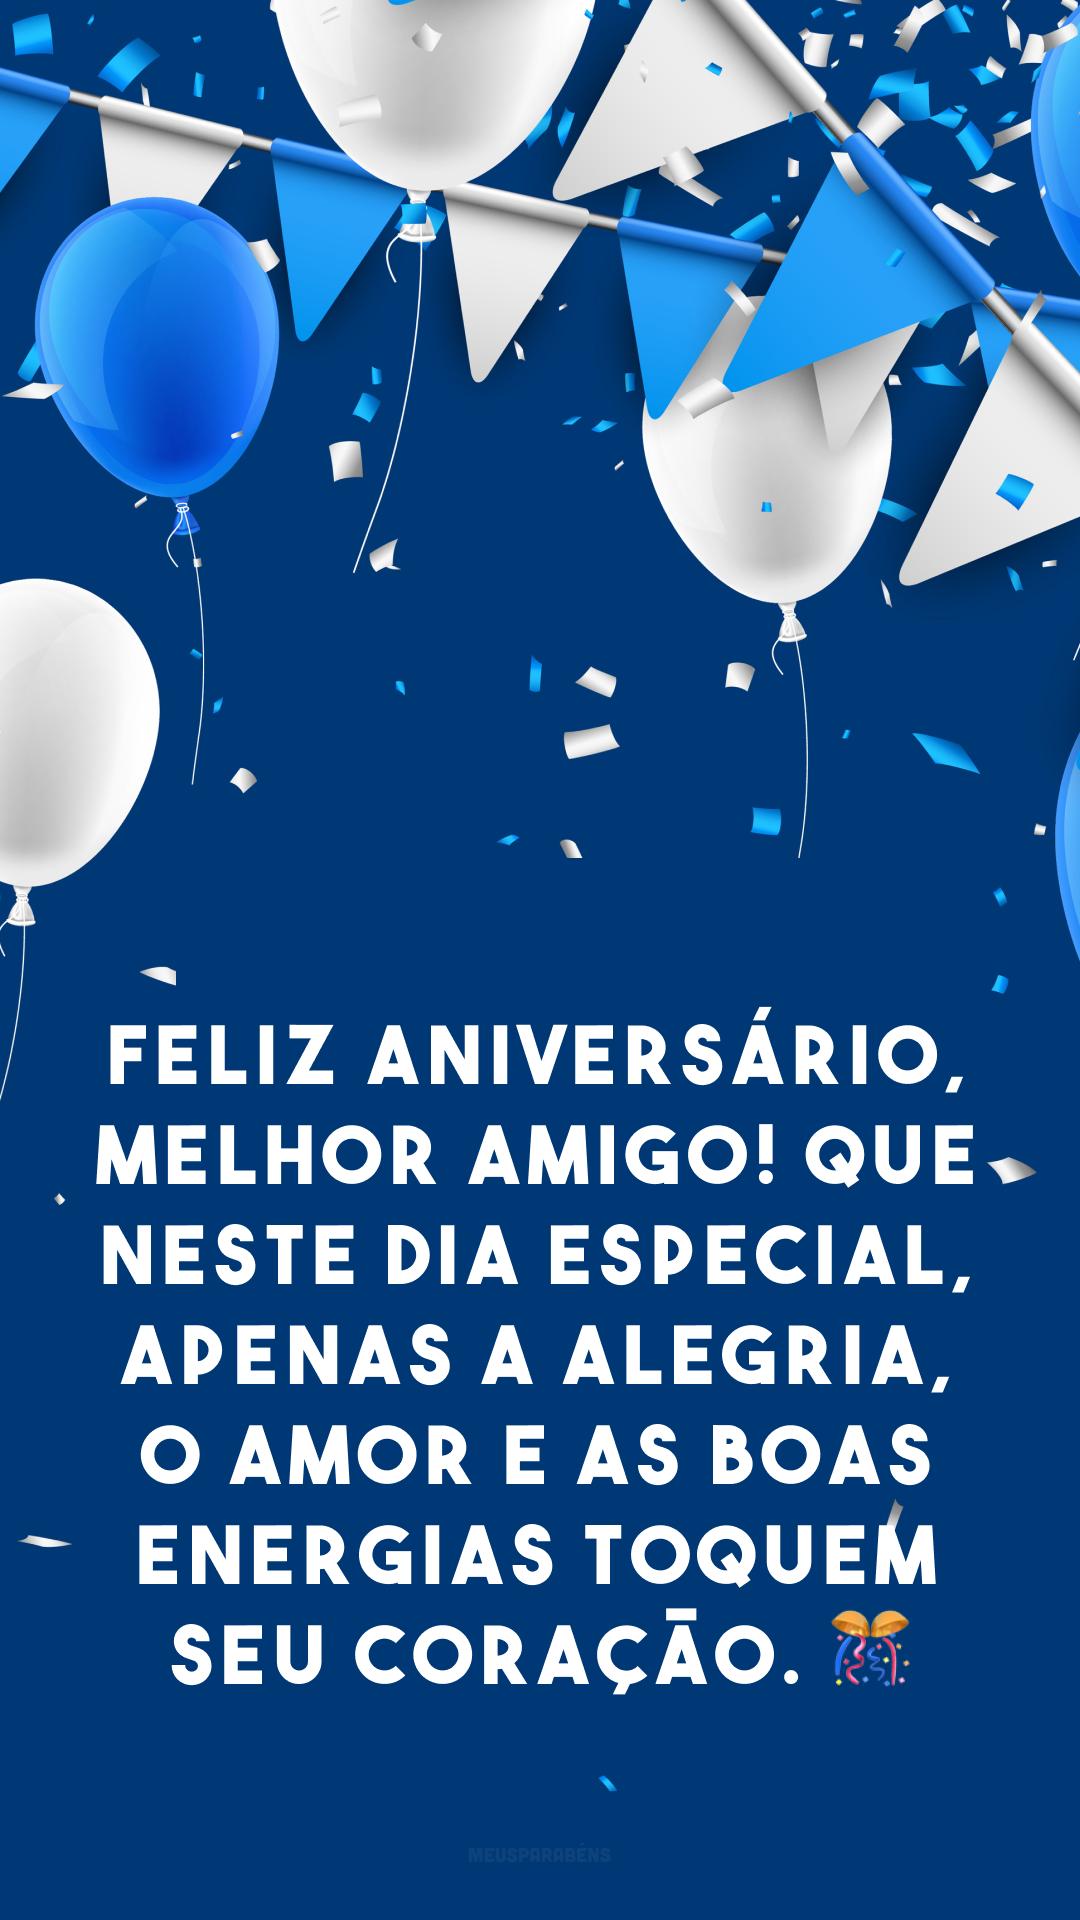 Feliz aniversário, melhor amigo! Que neste dia especial, apenas a alegria, o amor e as boas energias toquem seu coração. 🎊